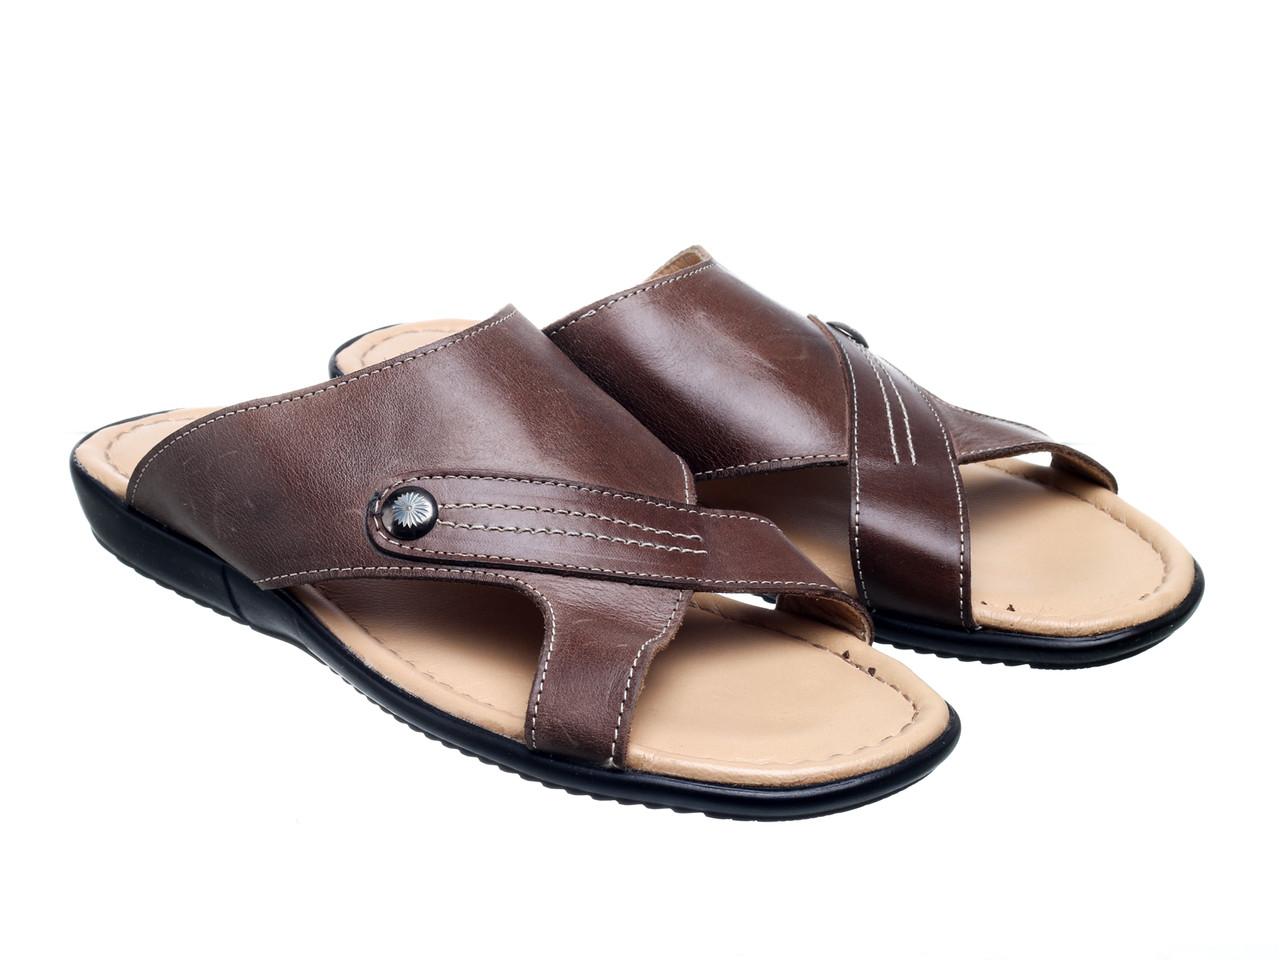 Шлепанцы Bertan 715-13203-112 коричневые